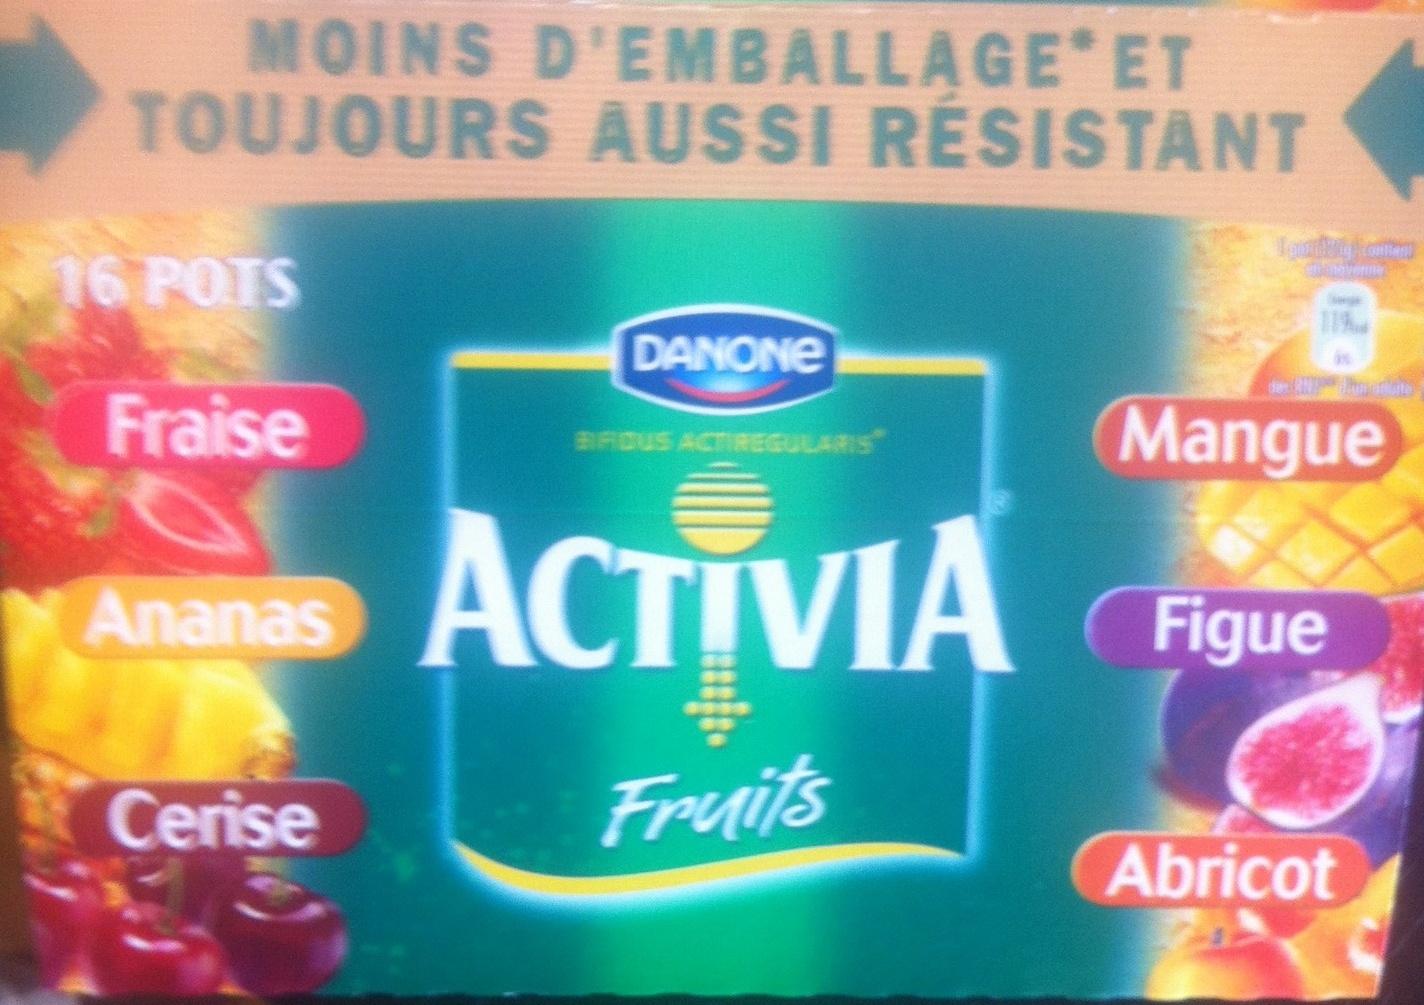 Activia Fruits (Fraise, Ananas, Cerise, Mangue, Figue, Abricot) 16 Pots - Produit - fr